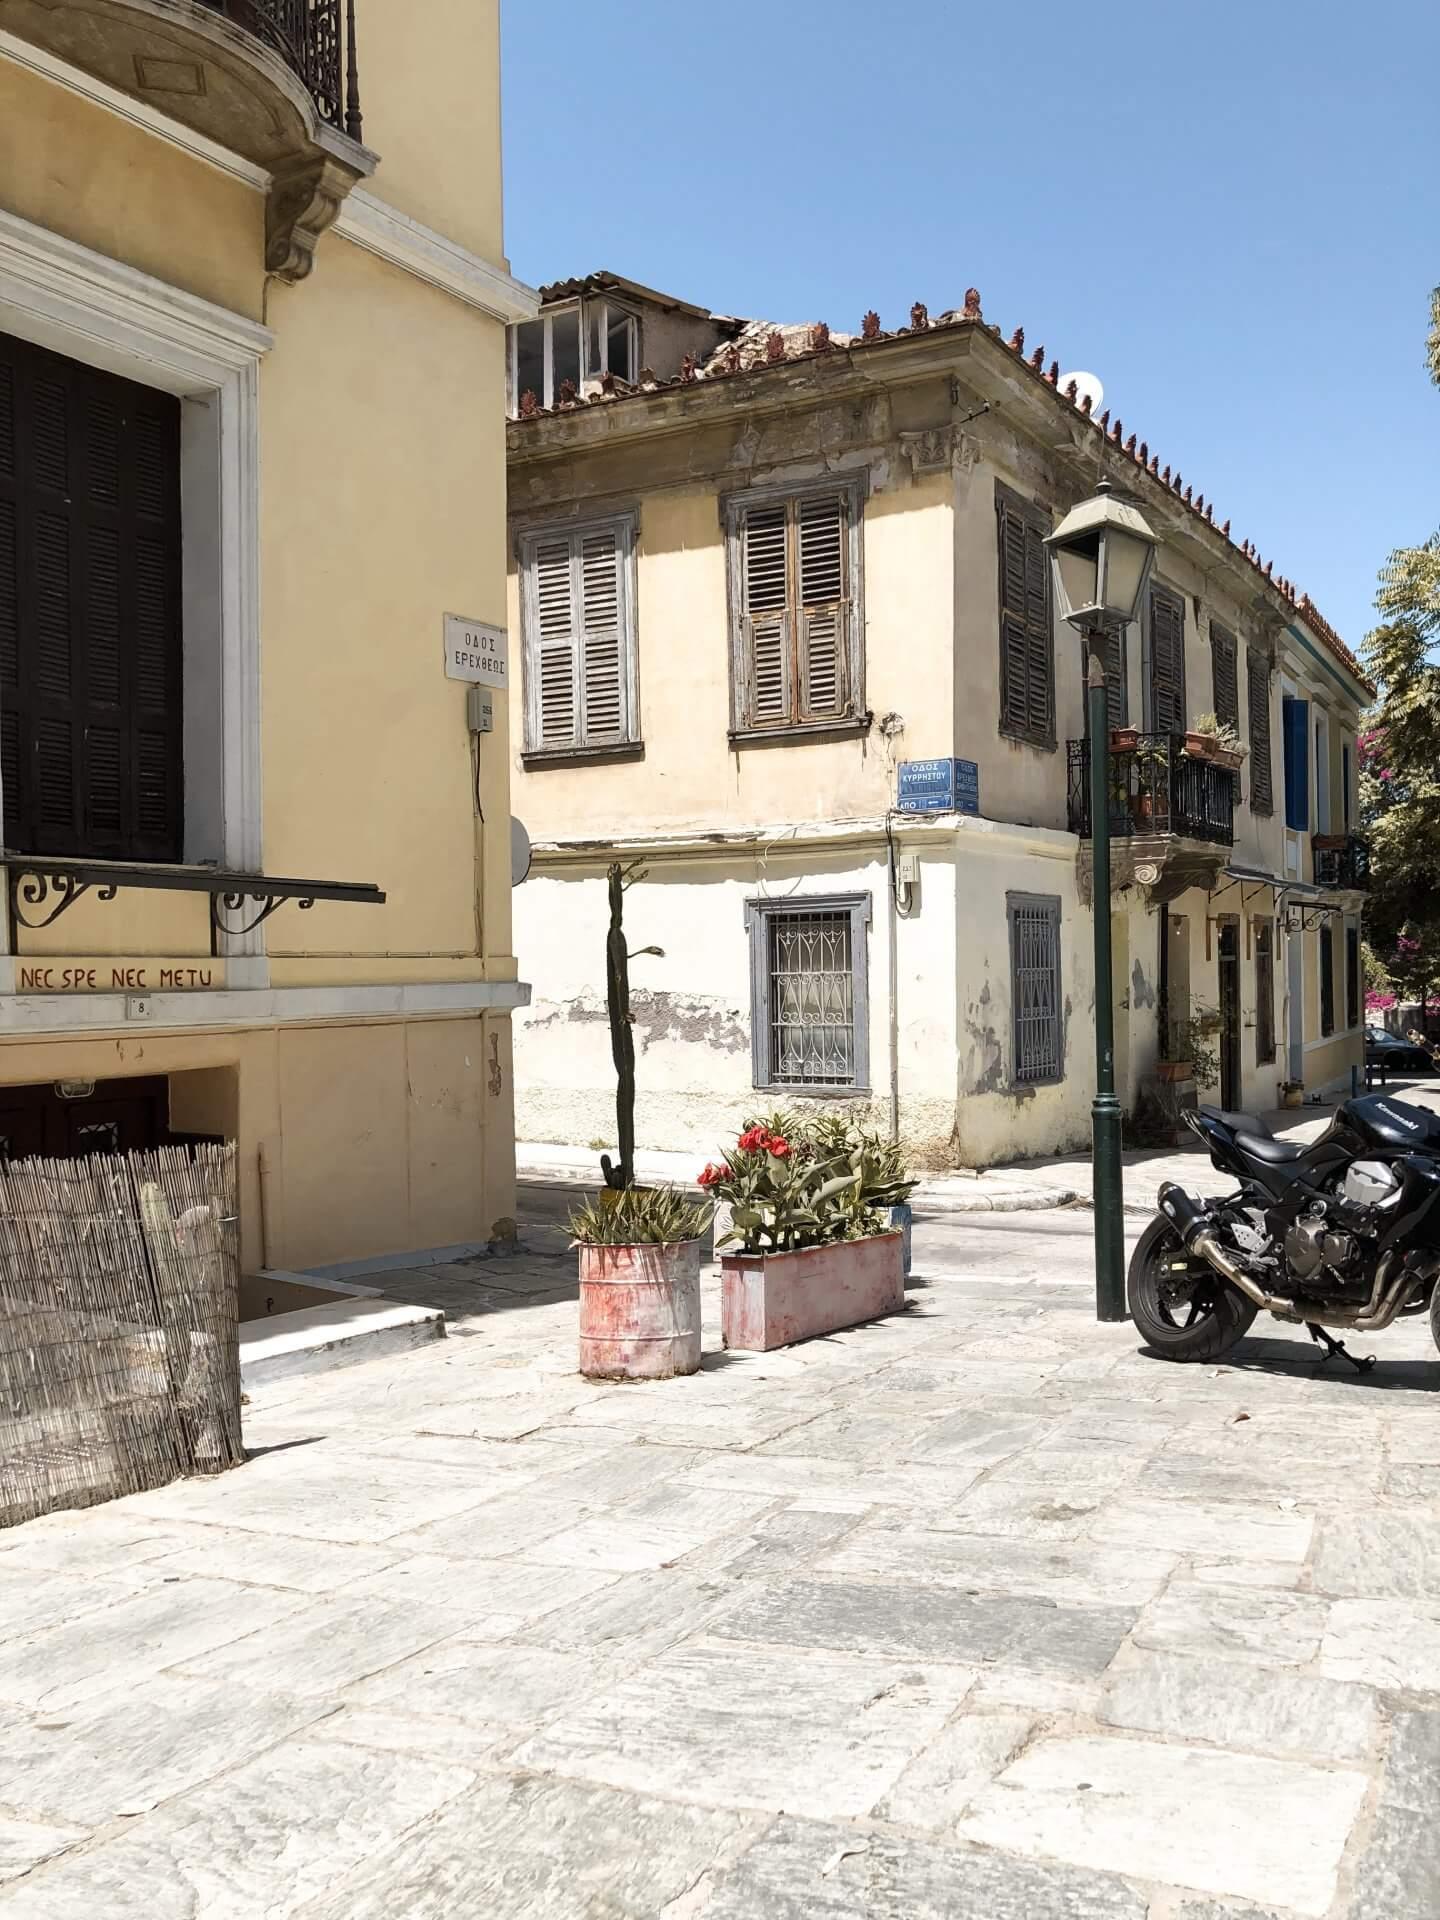 Athen Tipps, Urlaub, Travel Guide, 2